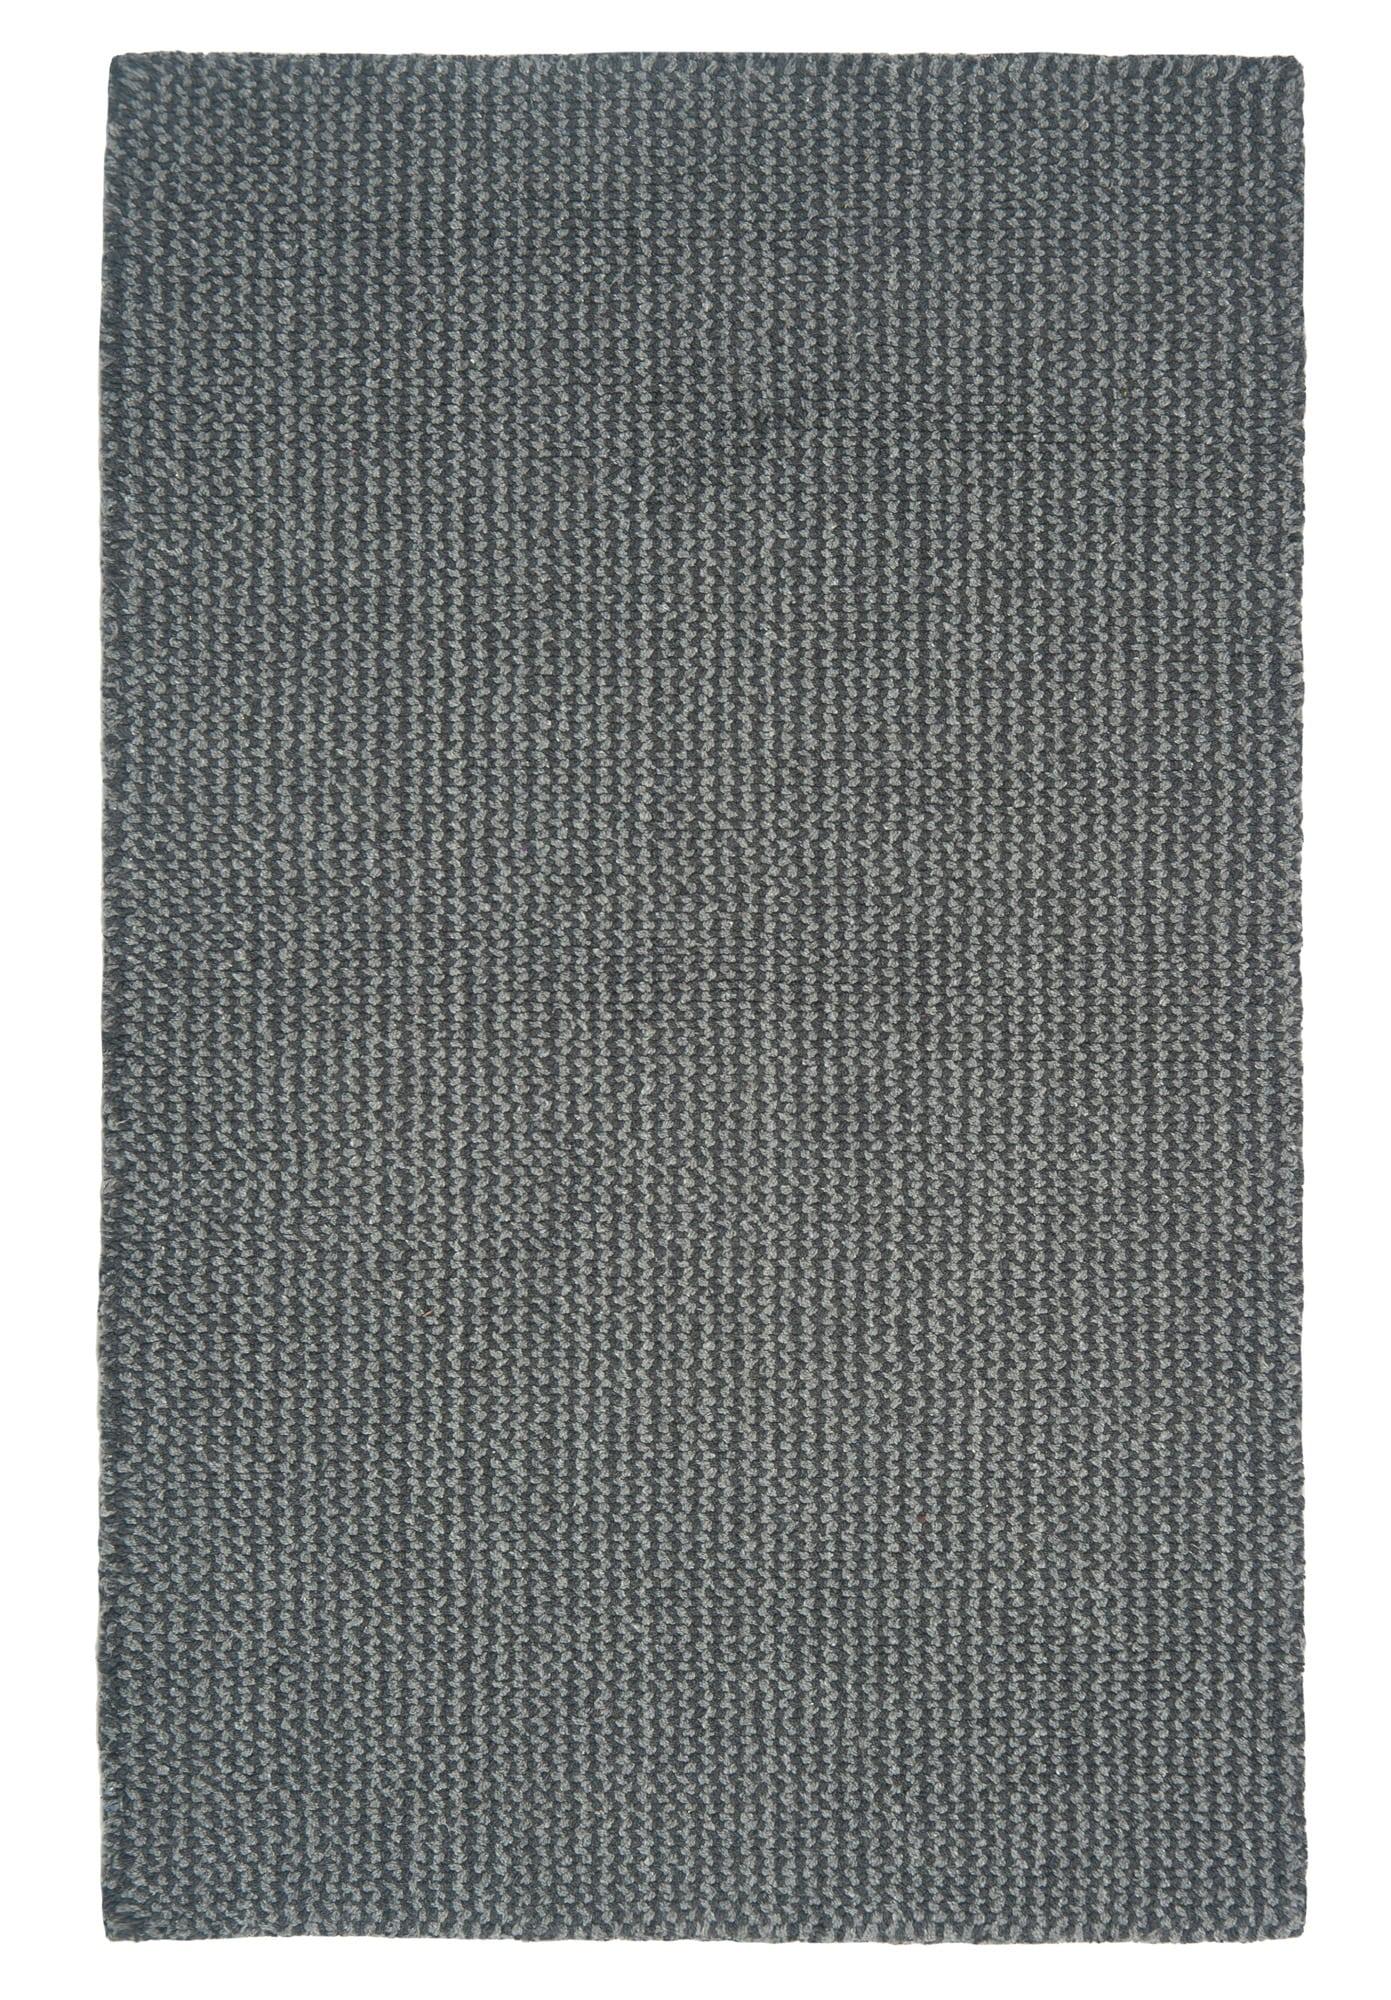 Crossweave Grey Eco Cotton Loom Hooked Rug Hook Amp Loom